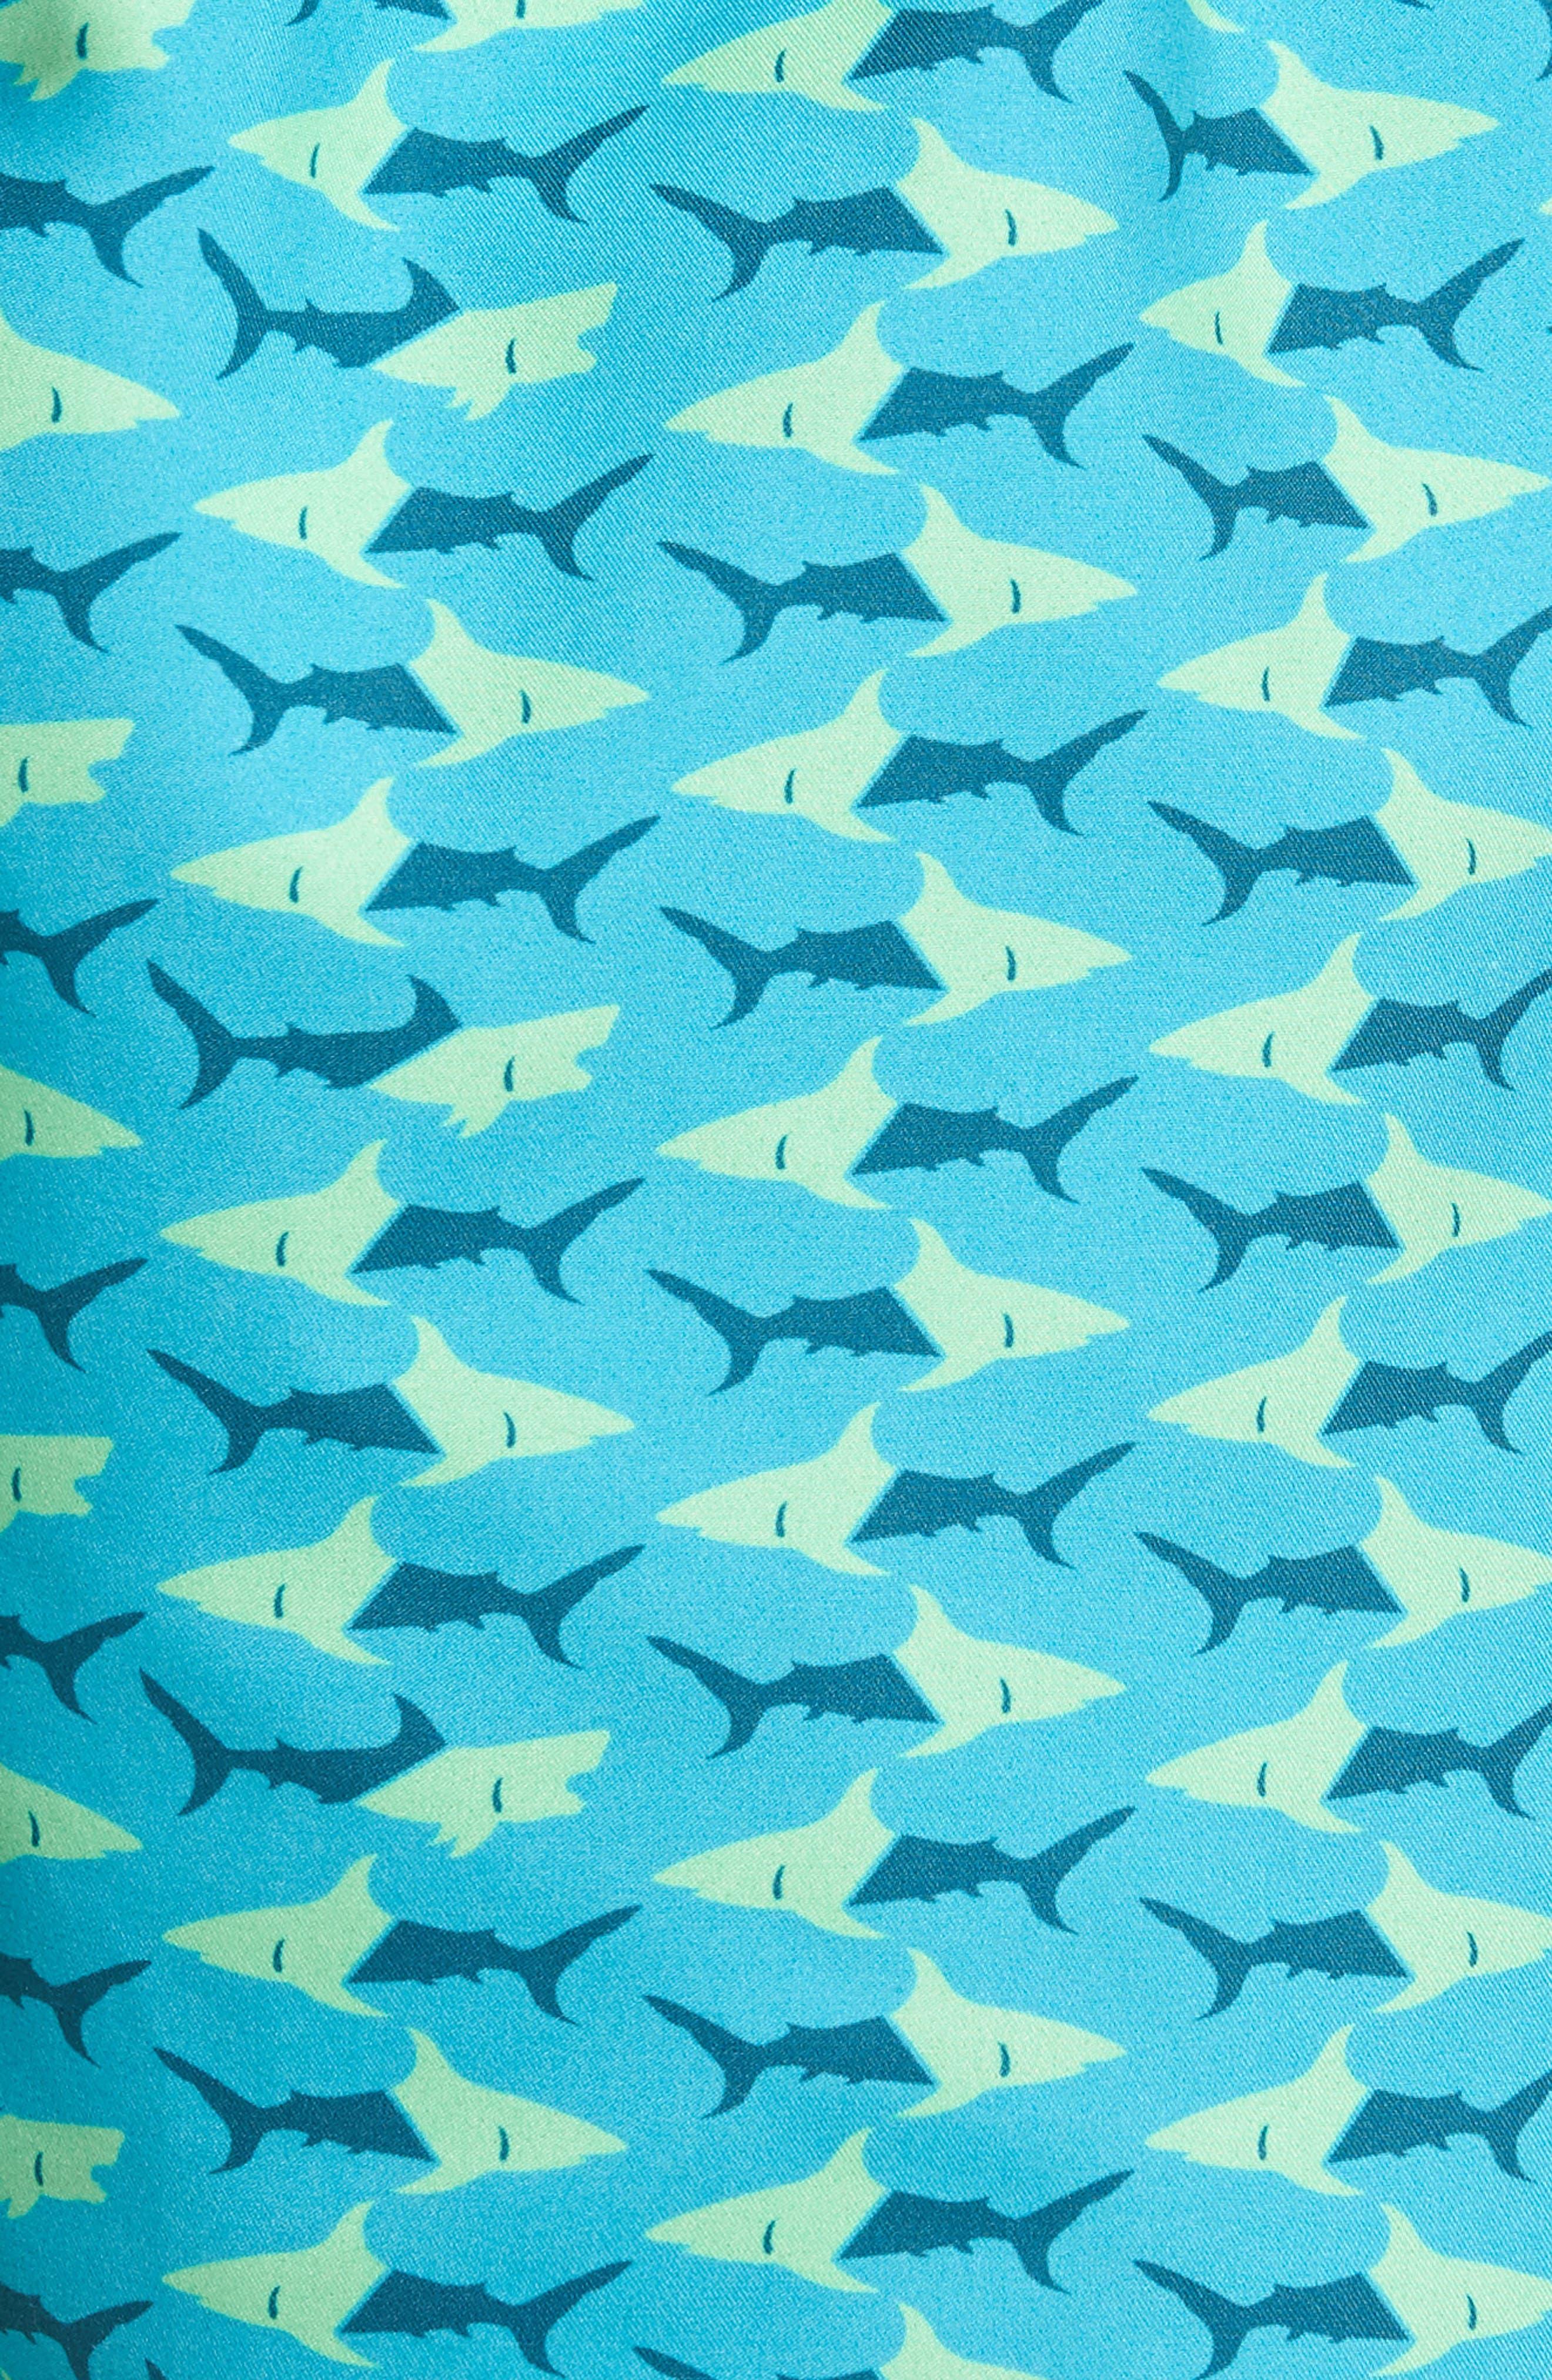 Piranha Shark Swim Trunks,                             Alternate thumbnail 5, color,                             480